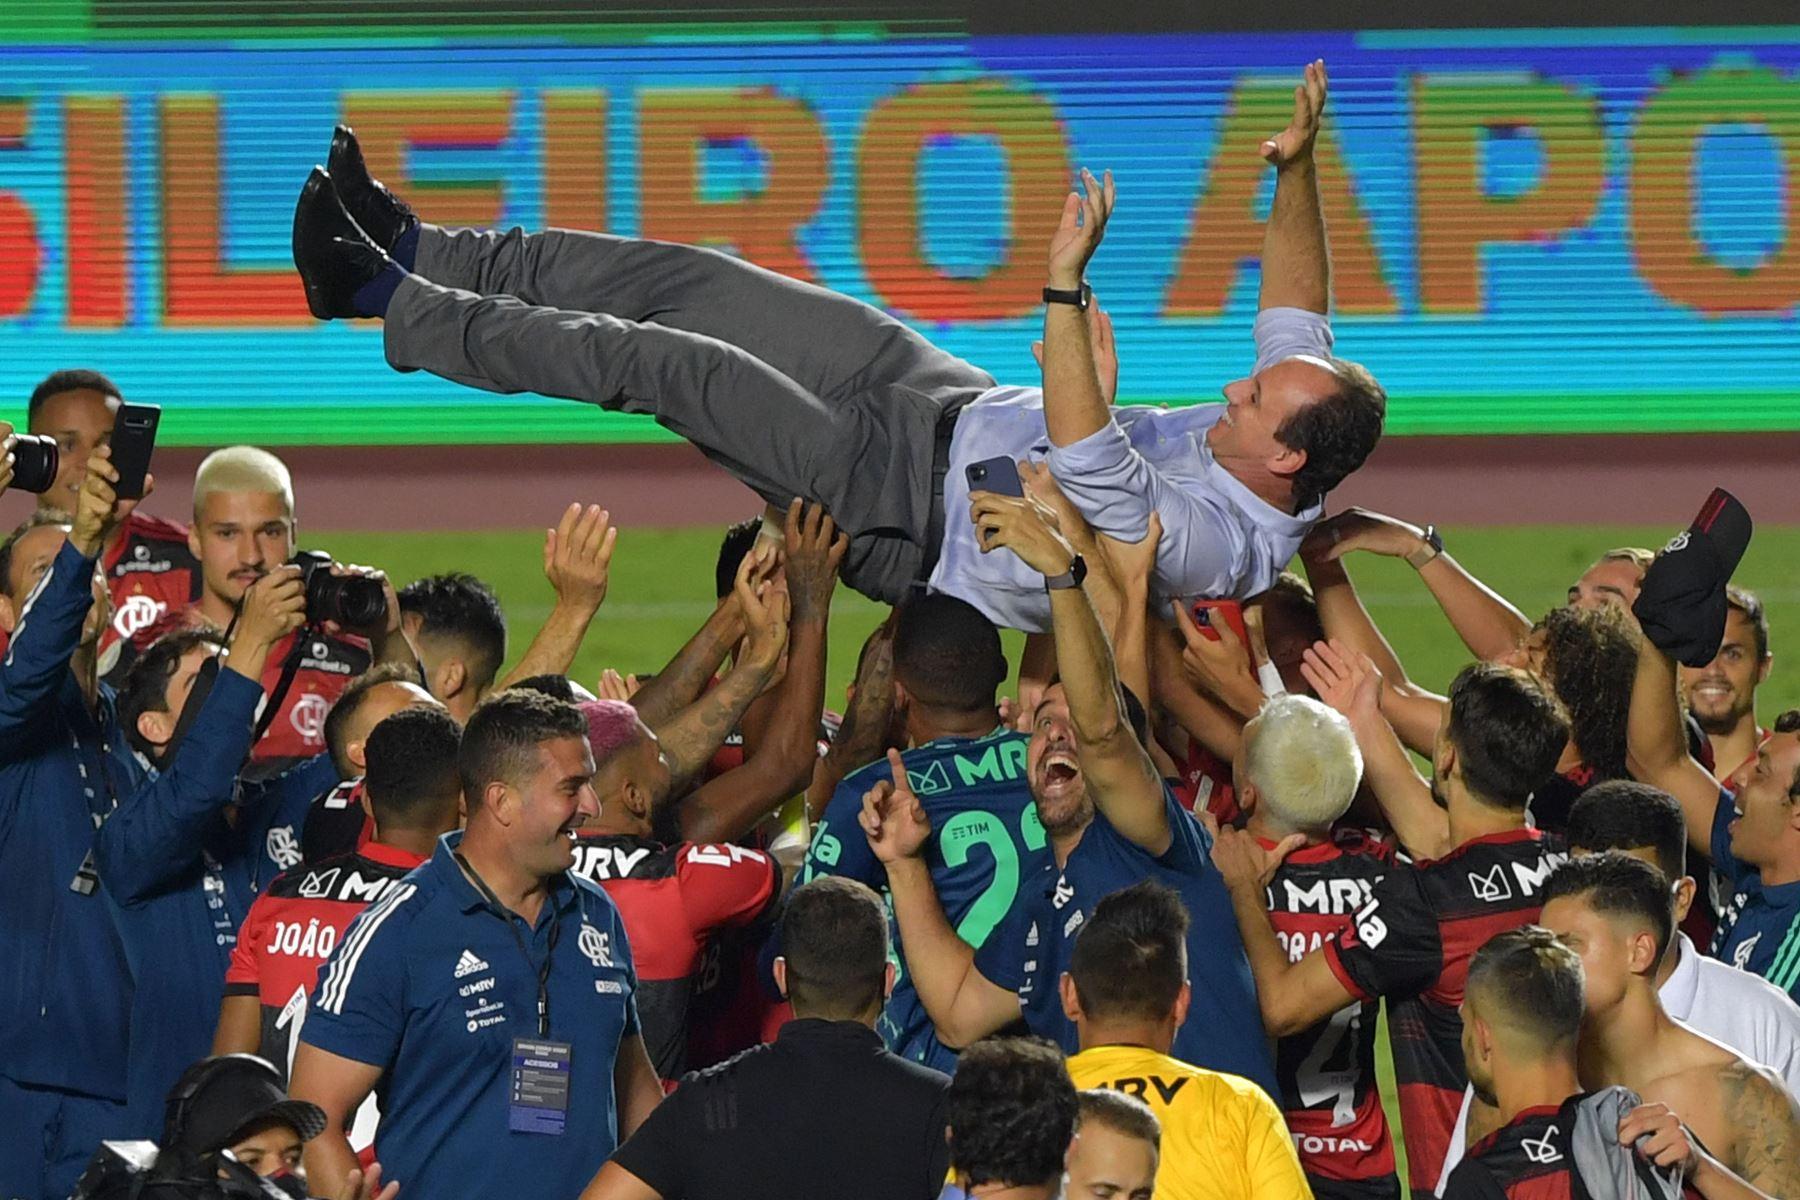 El equipo más popular de Brasil ganó su séptima liga en un infartante duelo de final de campeonato con el Internacional, segundo de la tabla. Foto: AFP